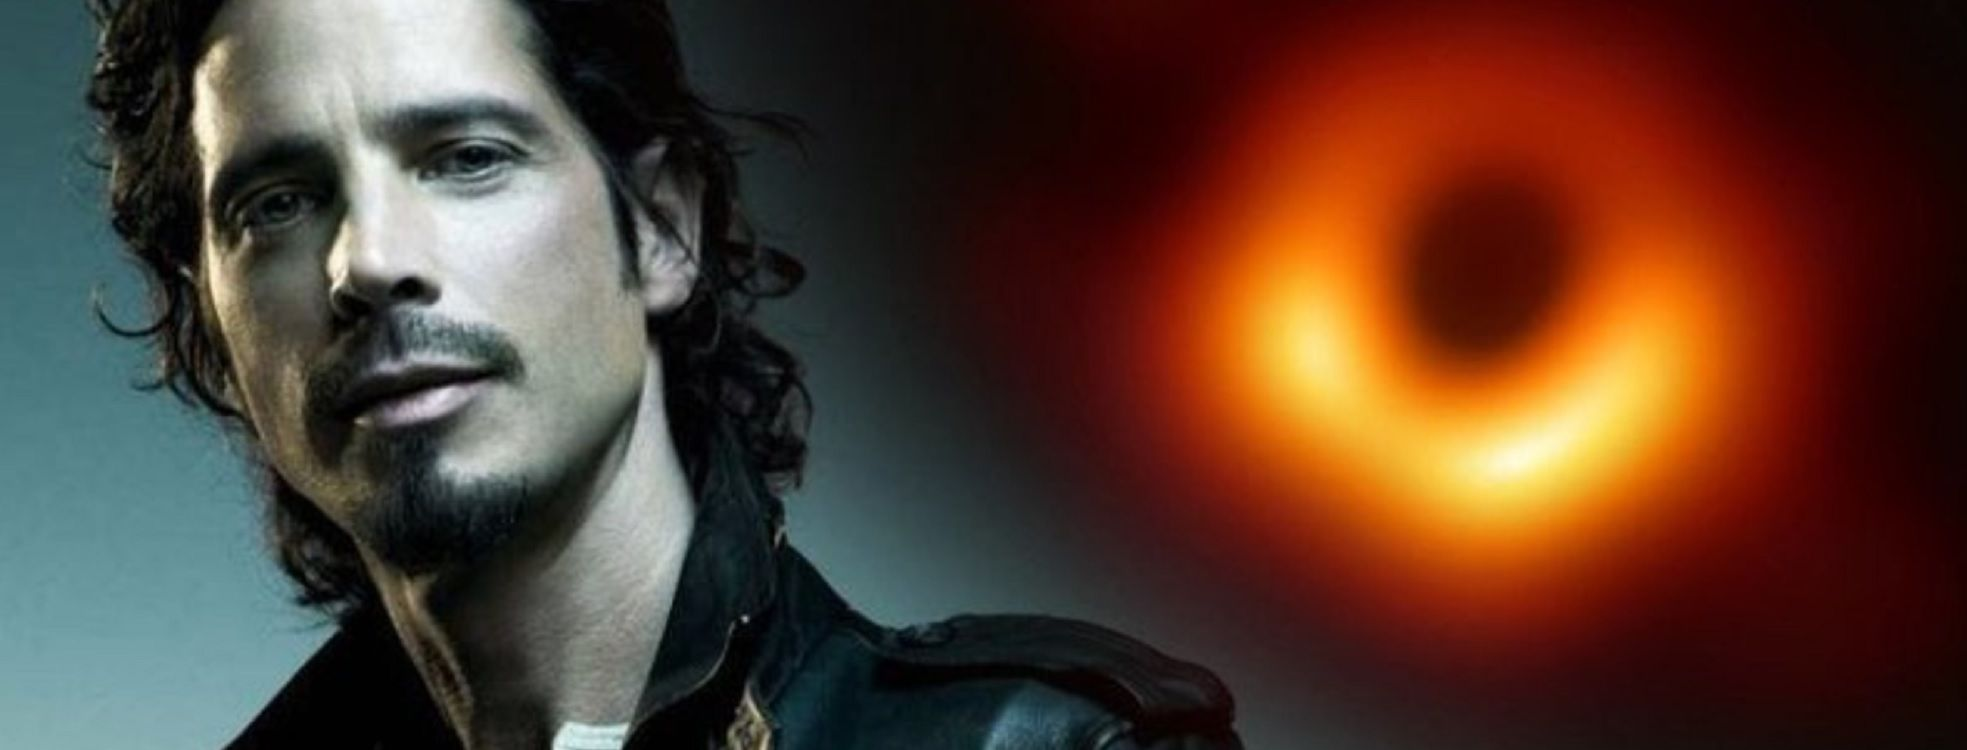 Piden bautizar el agujero negro con el nombre de Chris Cornell